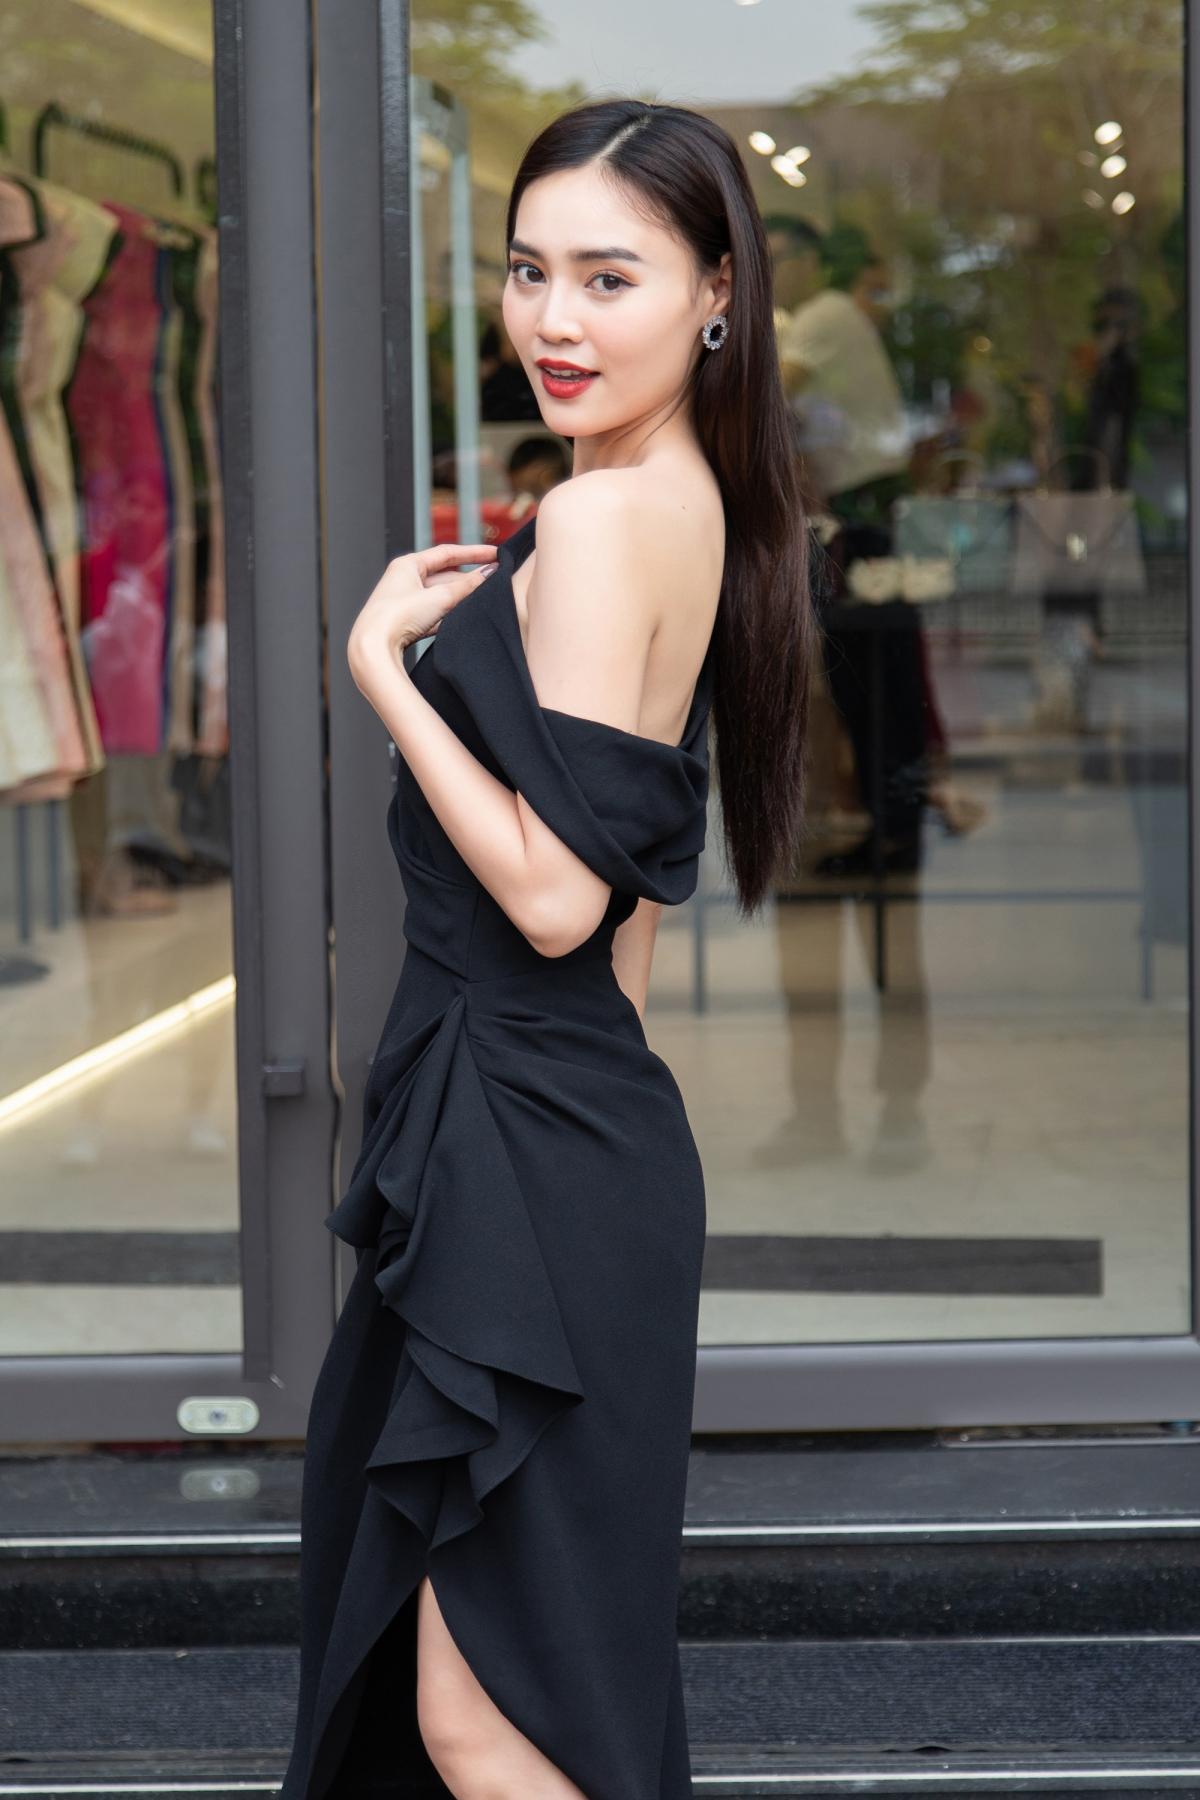 Nữ diễn viên diện chiếc váy màu đen với những đường gấp nếp độc đáo để tạo nên phom dáng bất đối xứng của trang phục. Đó cũng là thế mạnh, màu sắc riêng của NTK Đỗ Mạnh Cường.